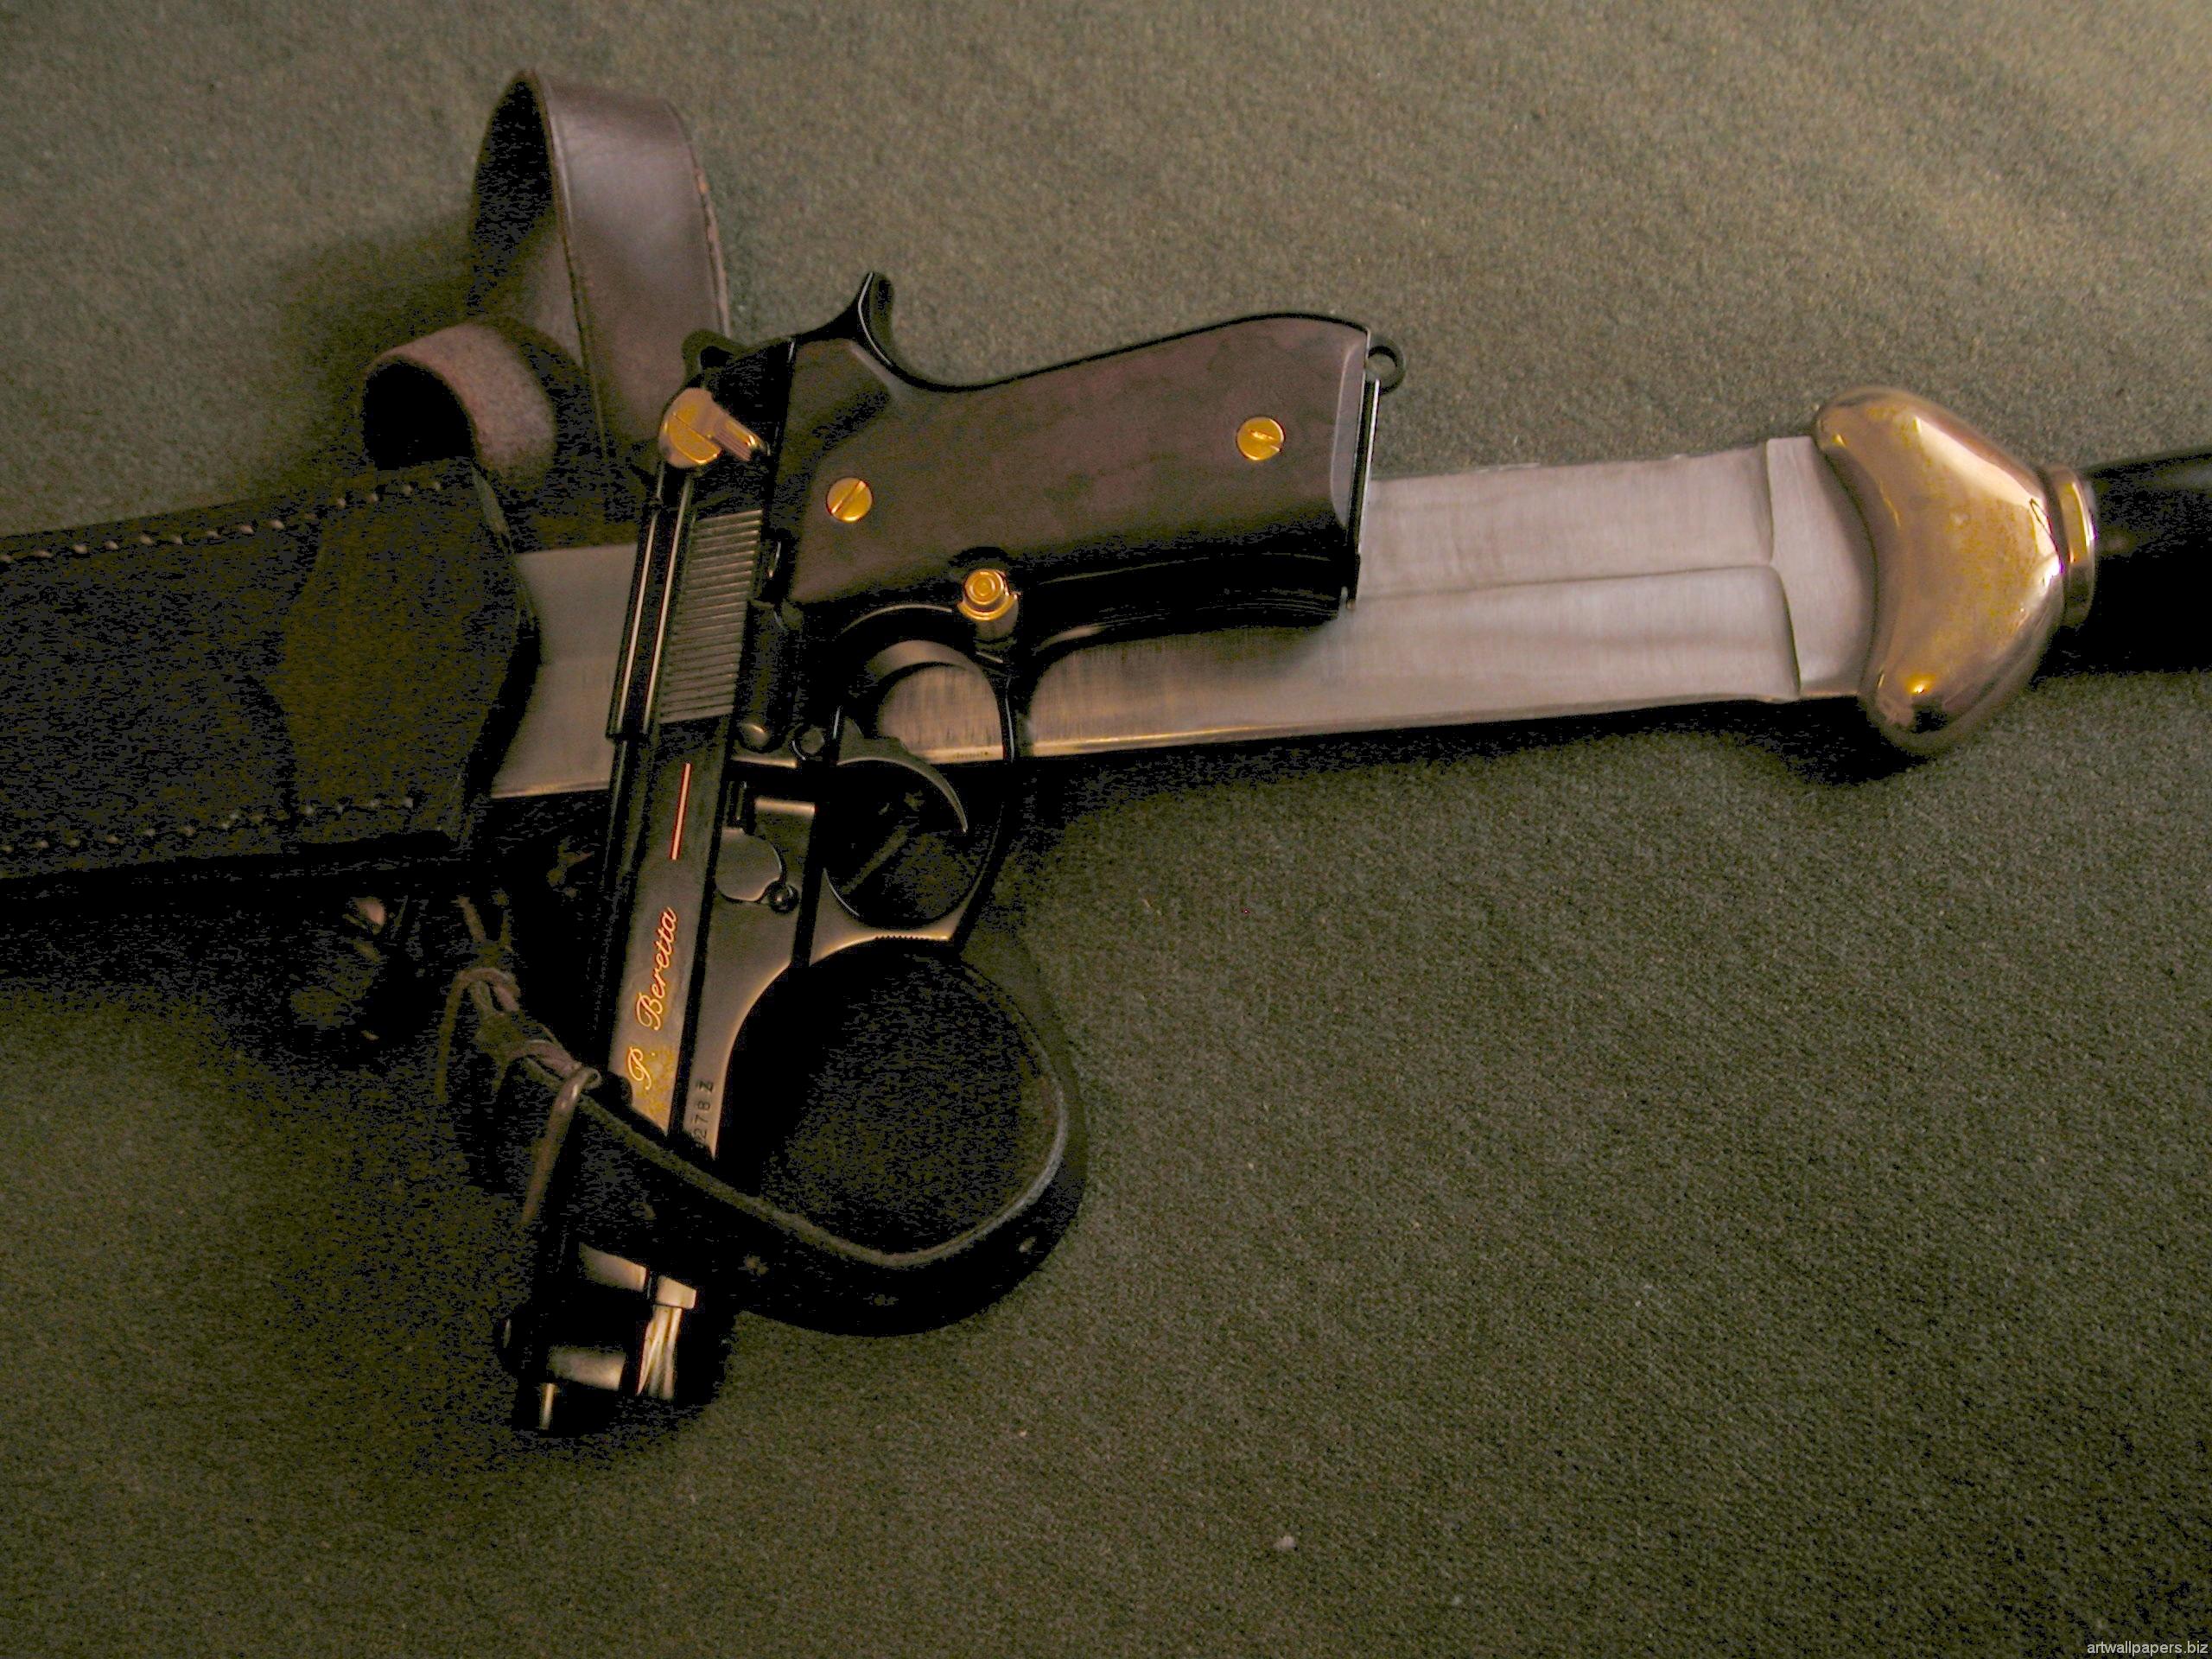 Guns Wallpapers Guns HD Wallpapers Weapon Wallpapers Desktop 2560x1920